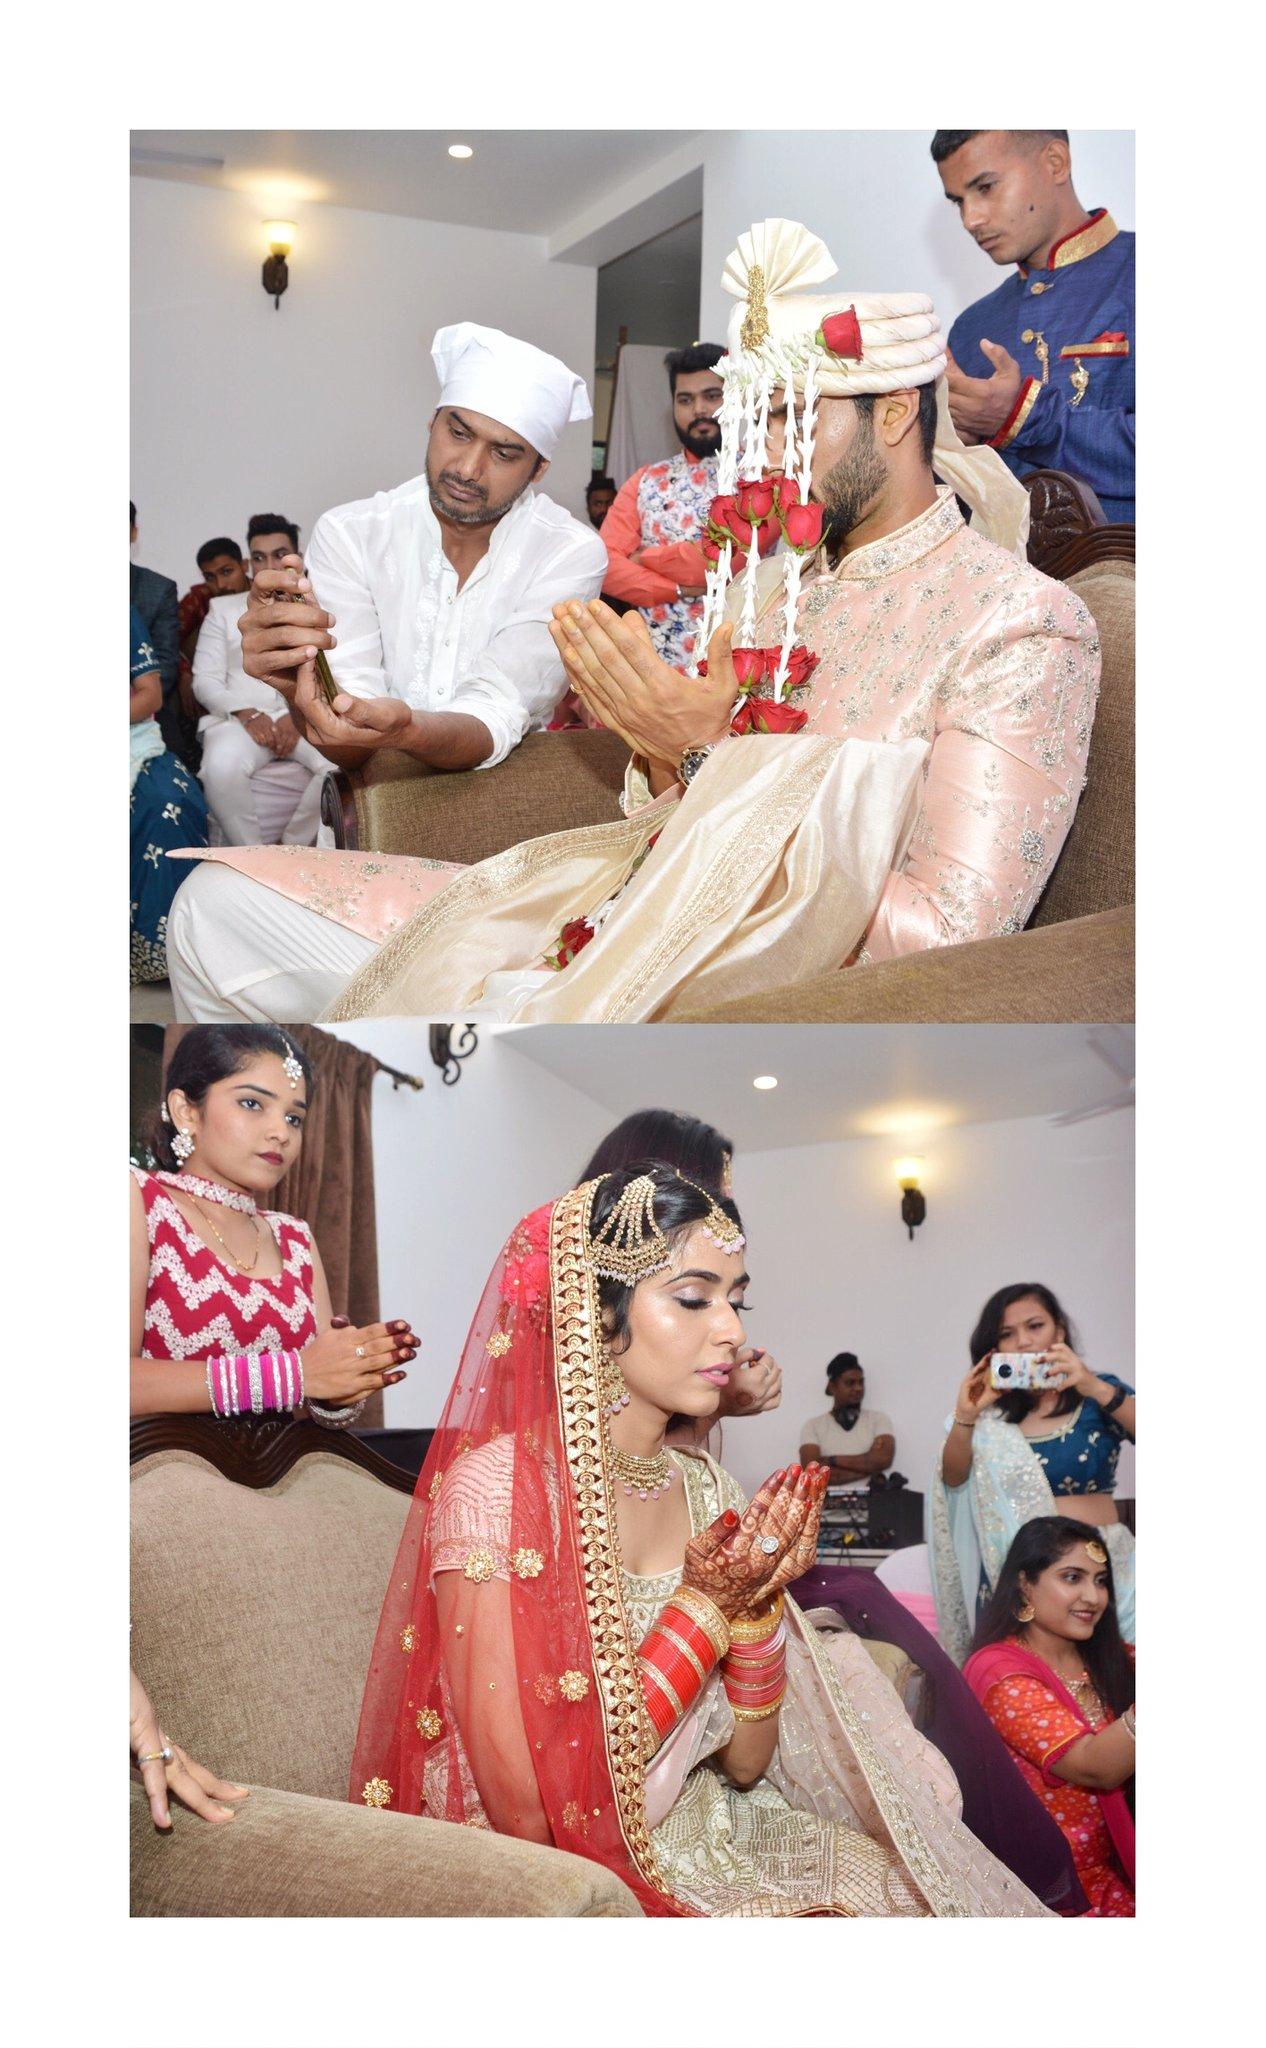 तस्वीरों को देखकर लग रहा है कि शादी मुस्लिम रीति रिवाज से हुई।